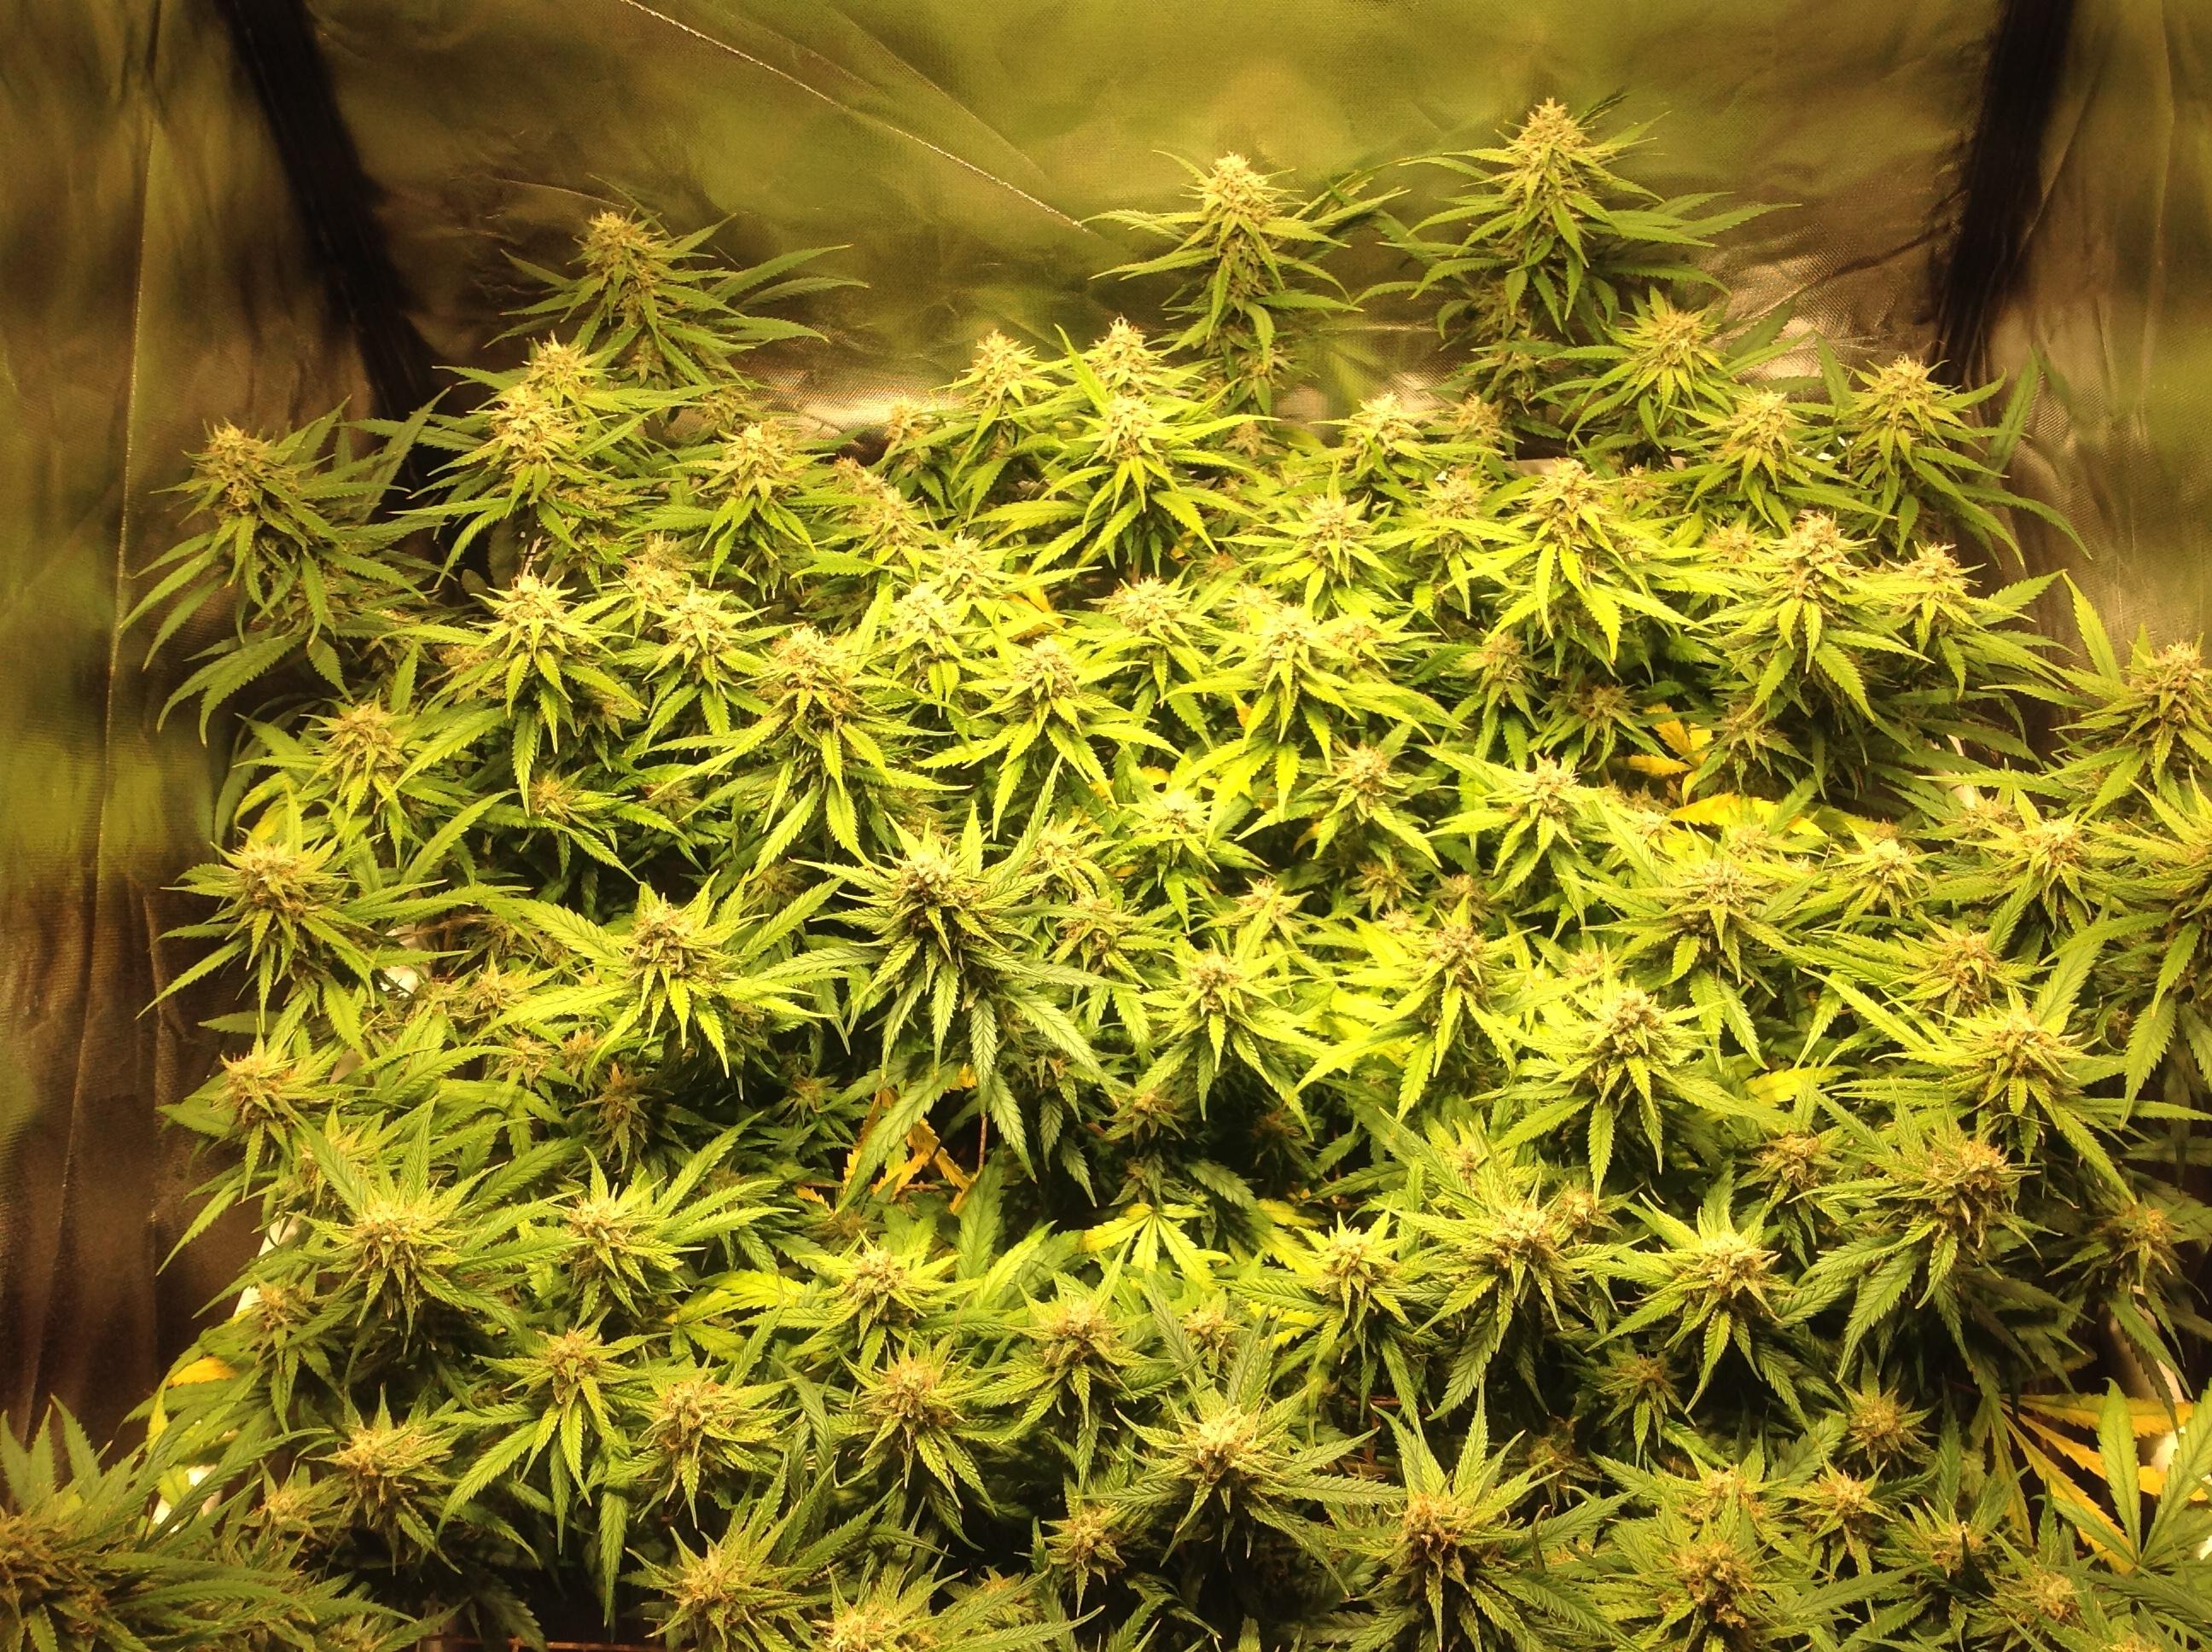 IMG_3610.JPG2592x1936 2.44 MB & 2 tents - 2 lights - 2 plants - General Indoor Growing - Overgrow.com